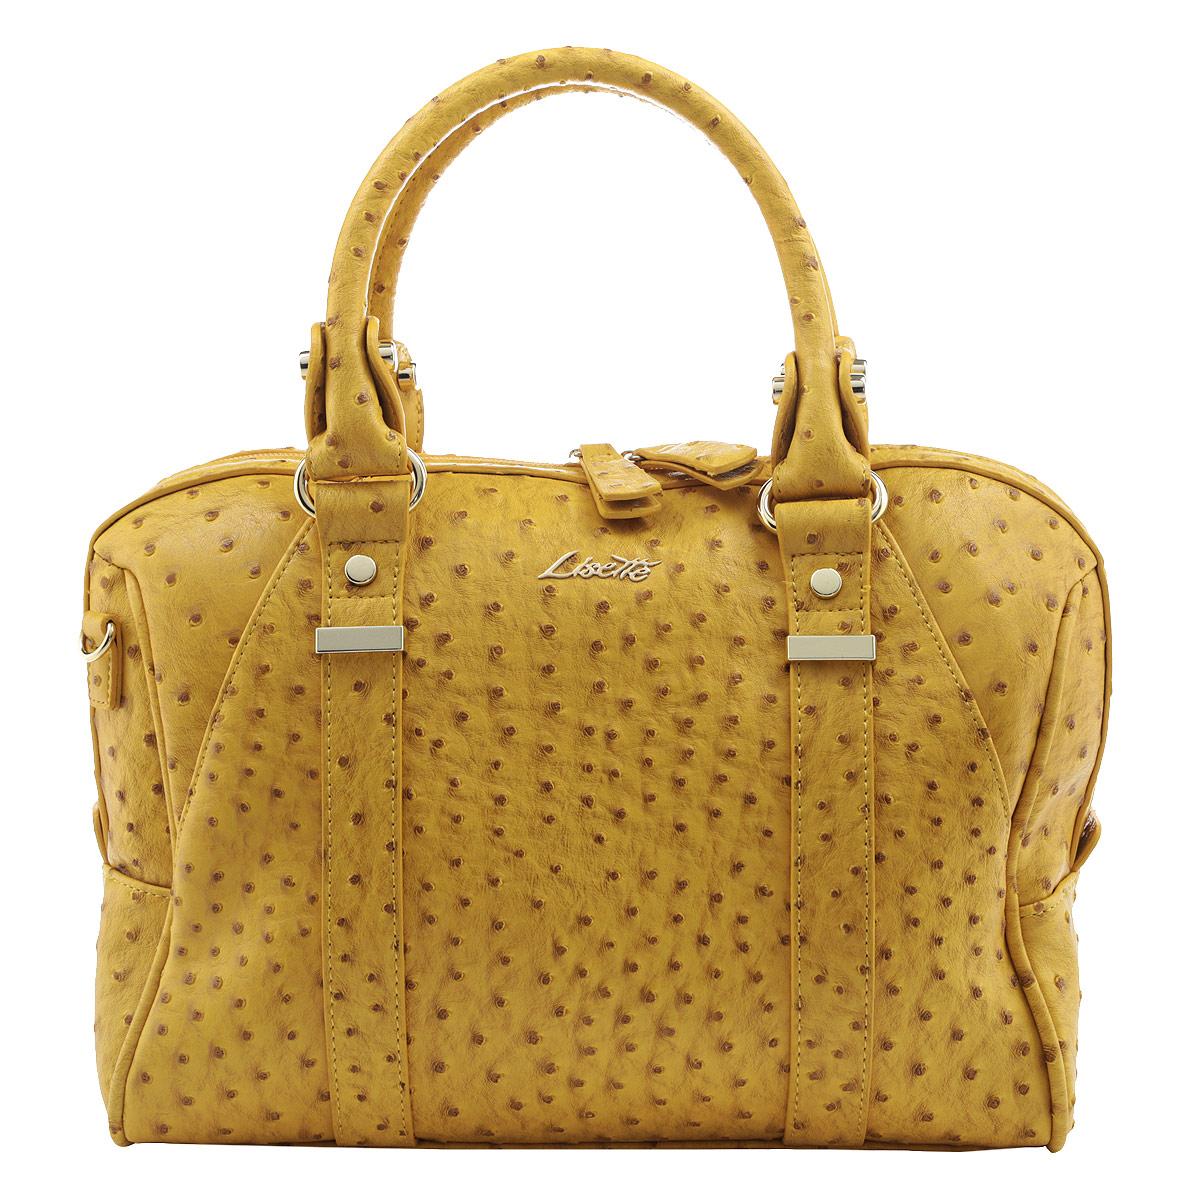 Сумка женская Lisette, цвет: желтый. 12-R38375B23008Изысканная женская сумка Lisette выполнена из искусственной качественной кожи. Сумка закрывается на пластиковую застежку-молнию. Внутри - большое отделение, небольшой втачной кармашек на застежке-молнии и два накладных кармашка для телефона, мелочей.Роскошная сумка внесет элегантные нотки в ваш образ и подчеркнет ваше отменное чувство стиля.